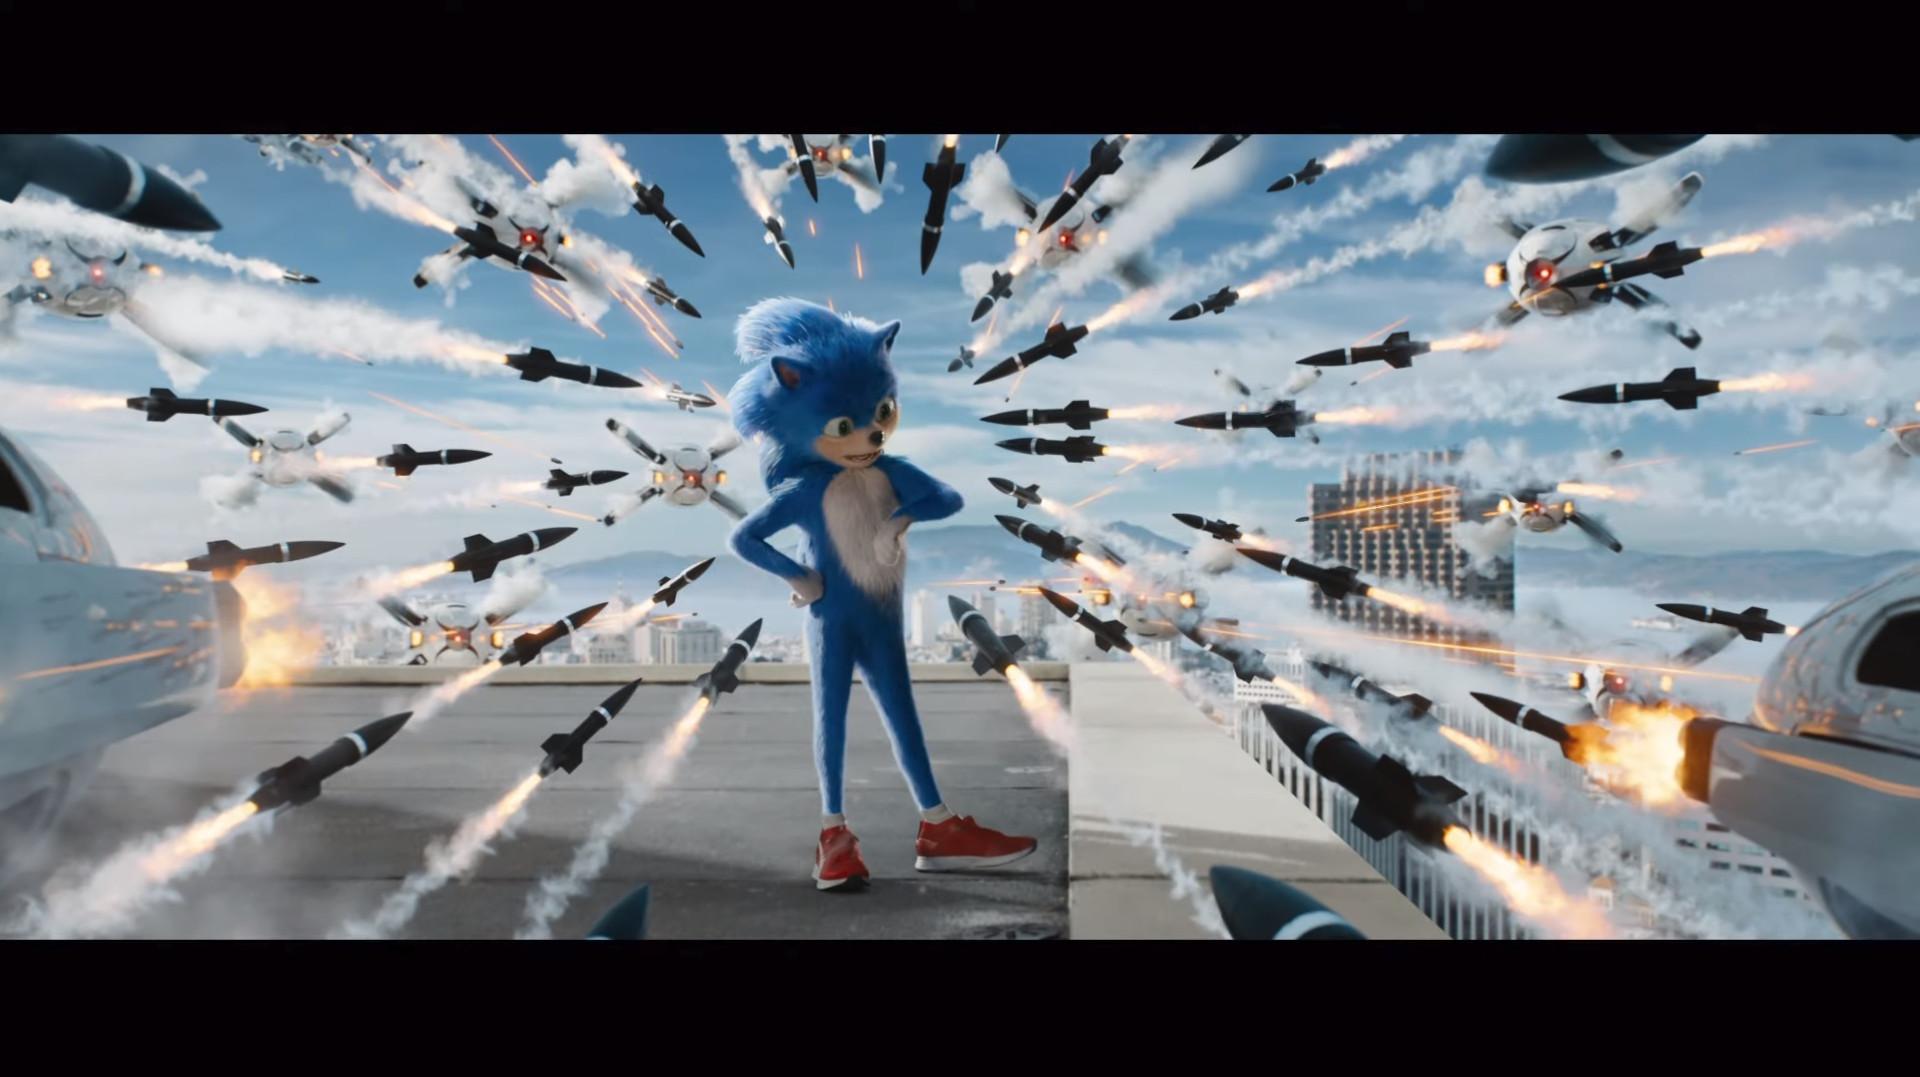 Filme baseado em 'Sonic' recebeu o primeiro trailer